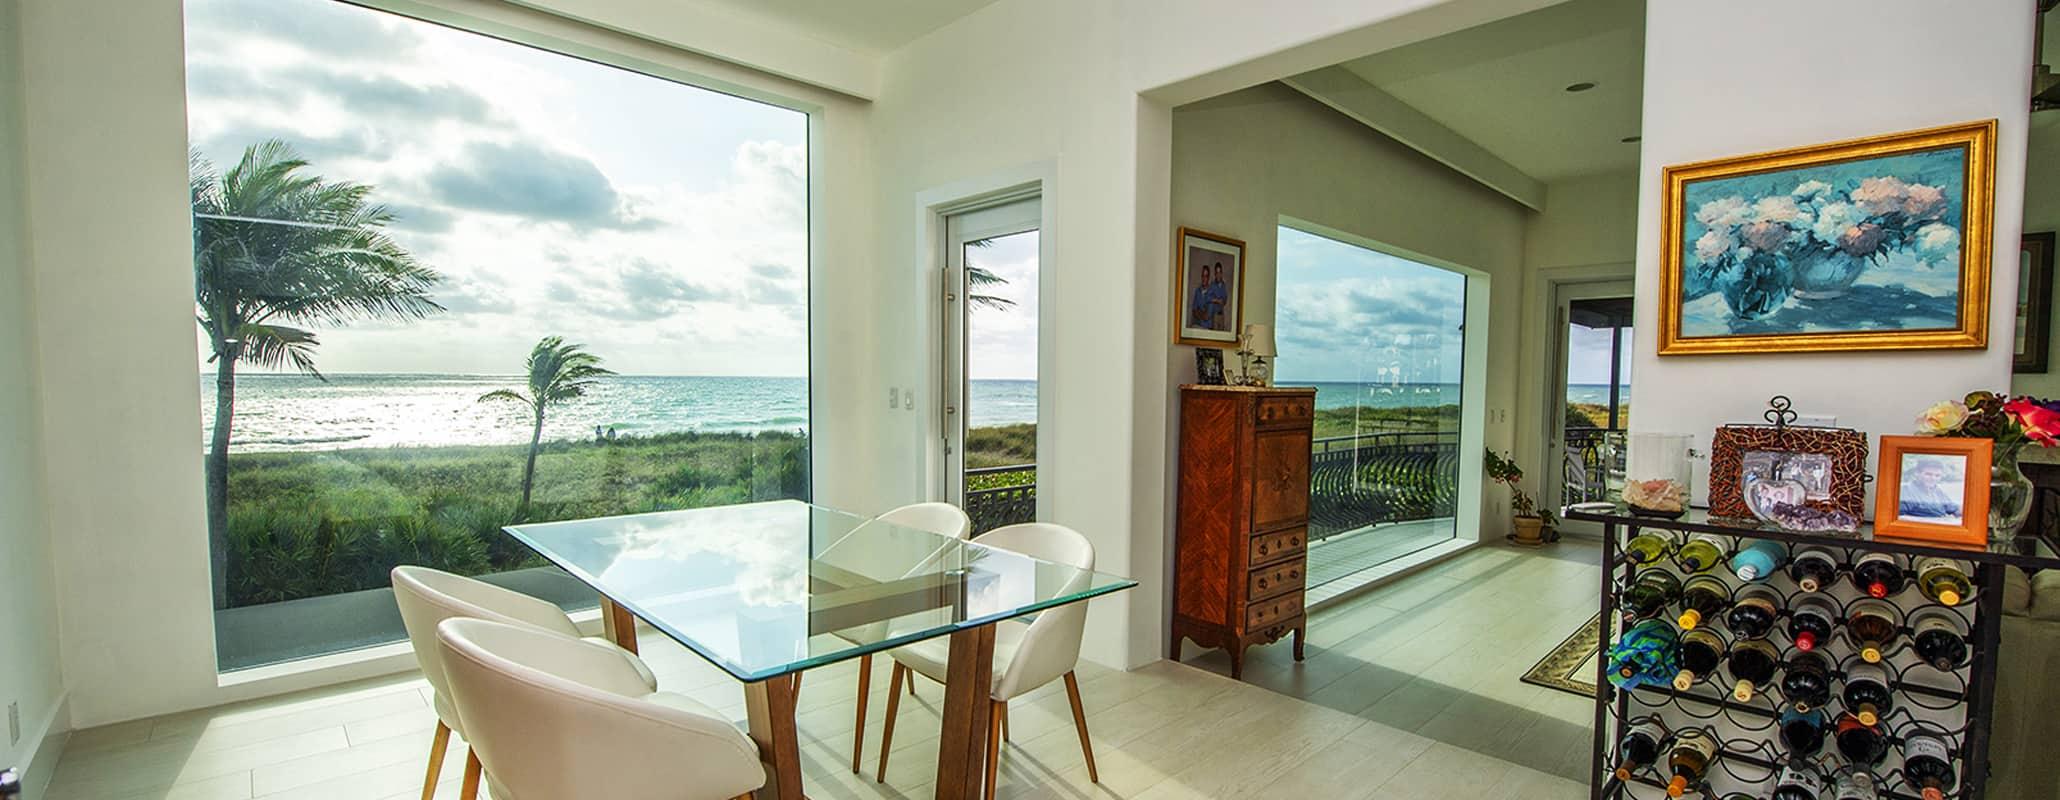 饭厅的玻璃桌,4把椅子,酒吧,由Aldora望着地板到天花板的FS-300马克西观影响店面系统,现代室内设计,通过撞击窗户海景